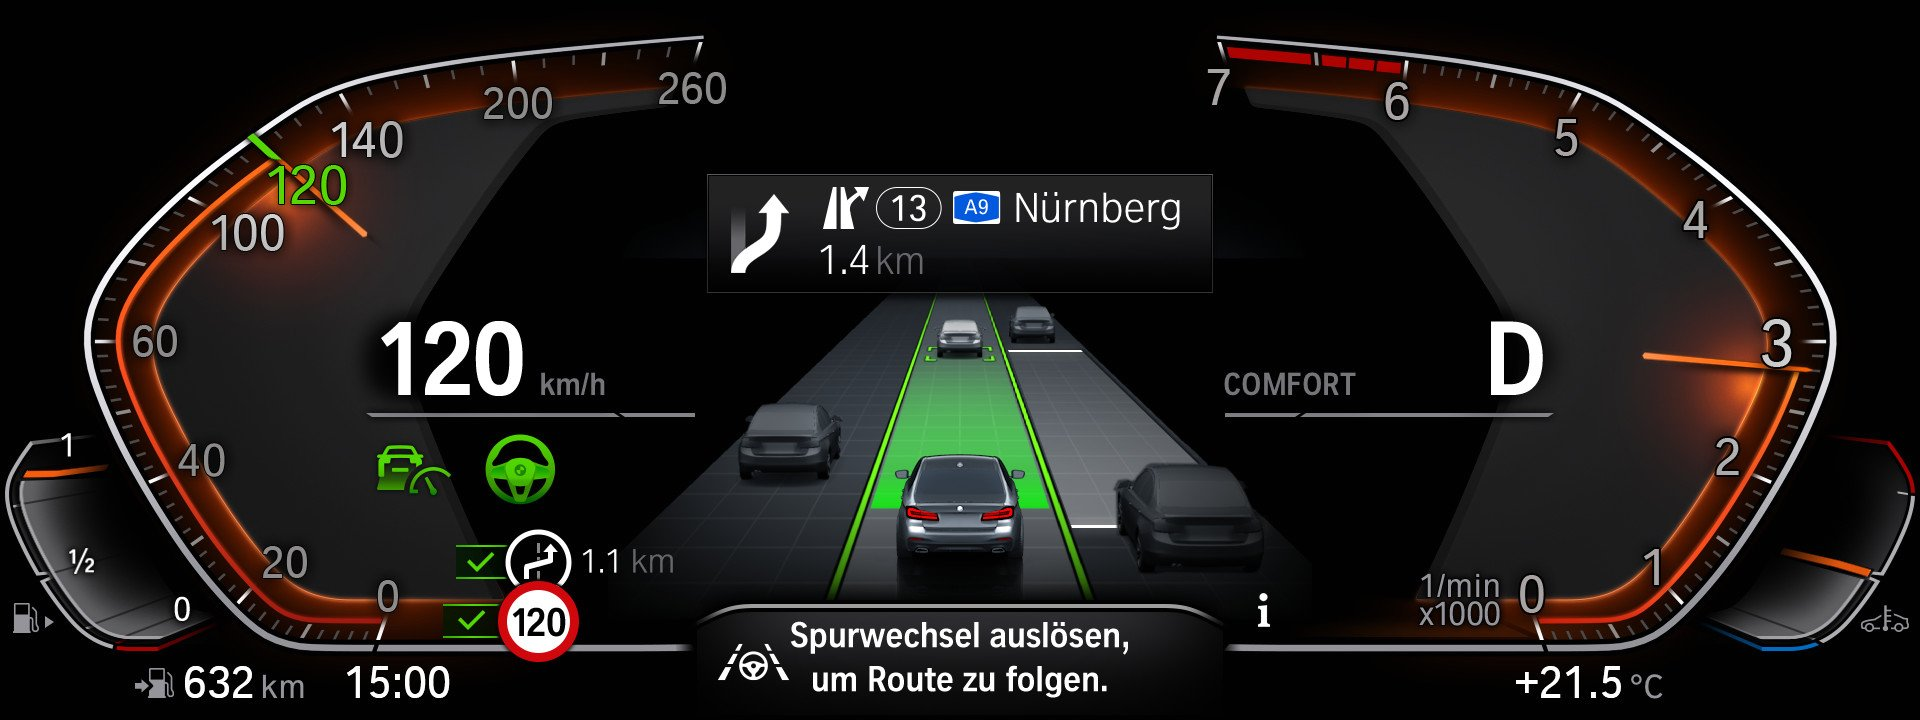 5시리즈 부분변경 모델에는 '드라이빙 어시스턴트 프로페셔널'이라 이름 붙은 반자율주행 기능이 탑재된다. 부분변경 이전 모델과 비교하면 차로유지나 다른 차량 인식이 더 빨라졌다. '드라이빙 어시스트 뷰'라 불리는 그래픽으로 주변 차량 움직임을 보여준다. 사진 BMW그룹코리아